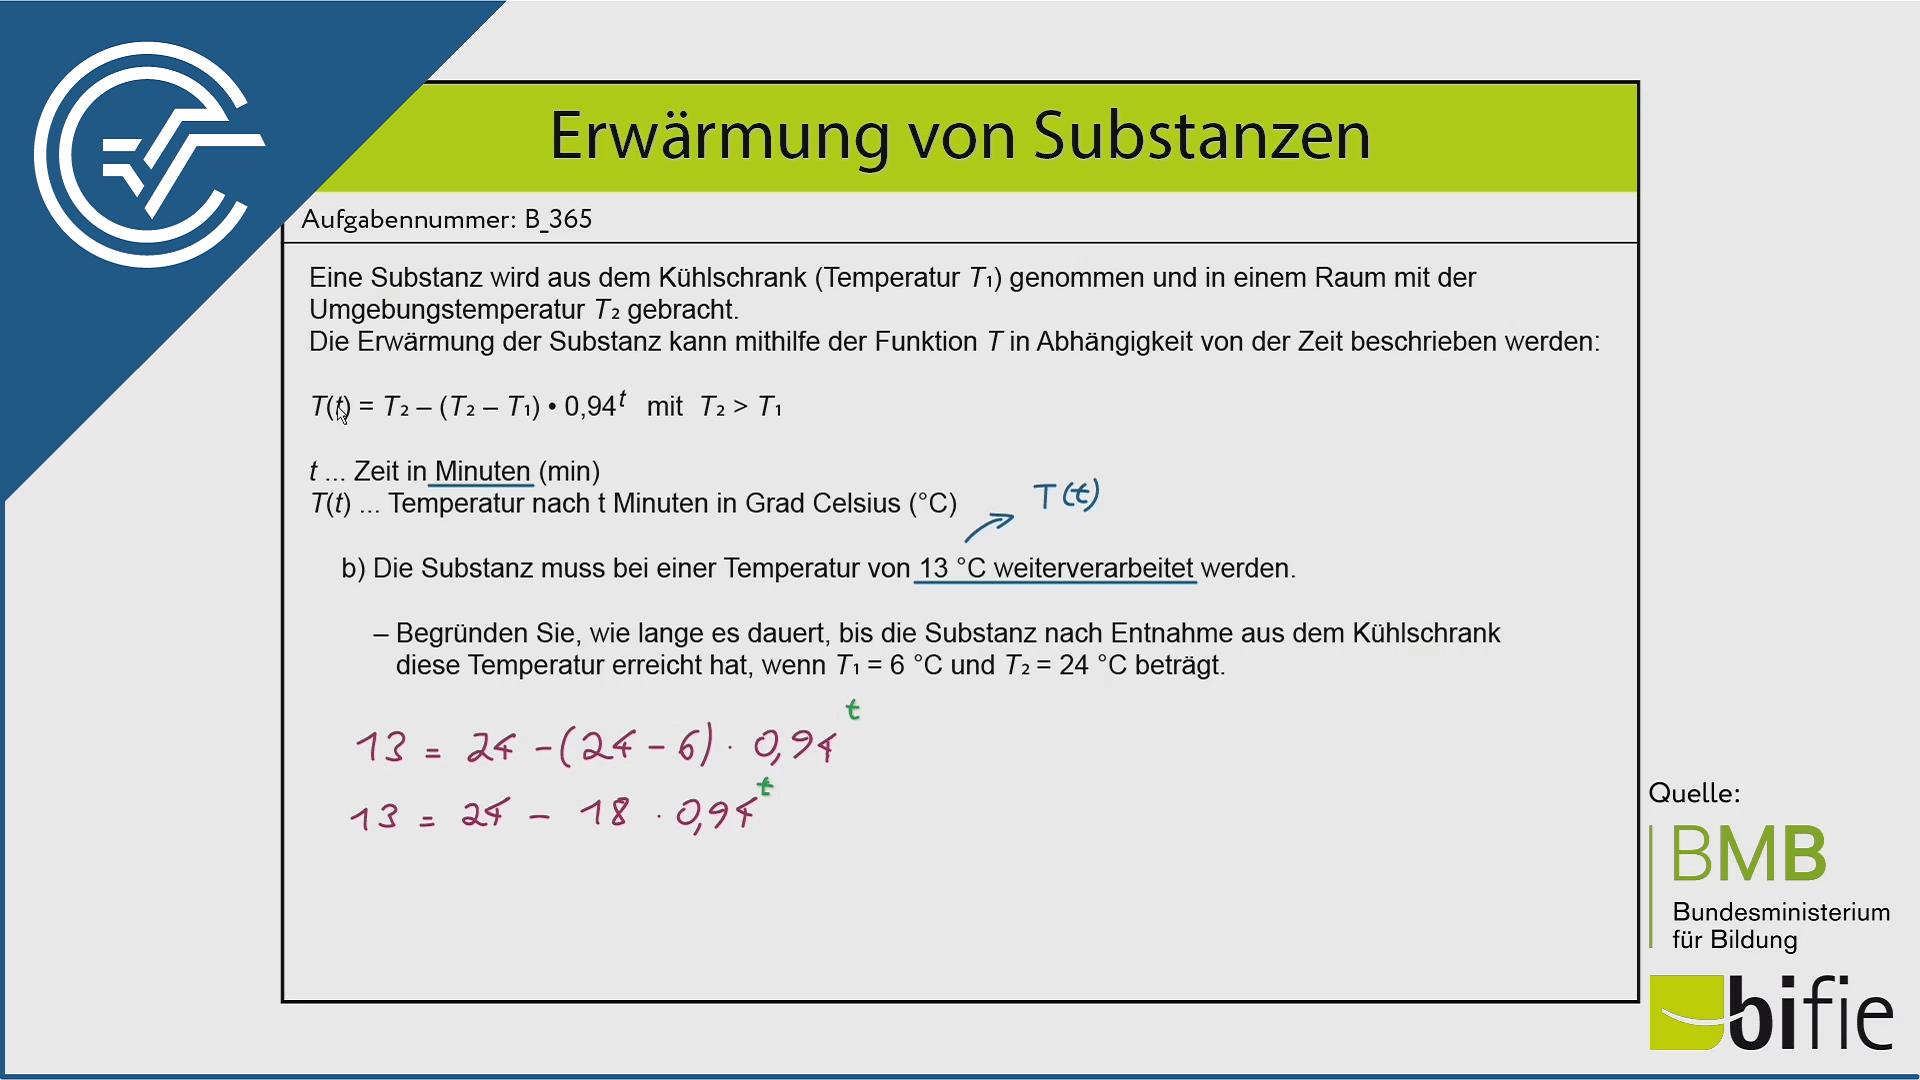 B_365 Erwärmung von Substanzen b [Logarithmus]